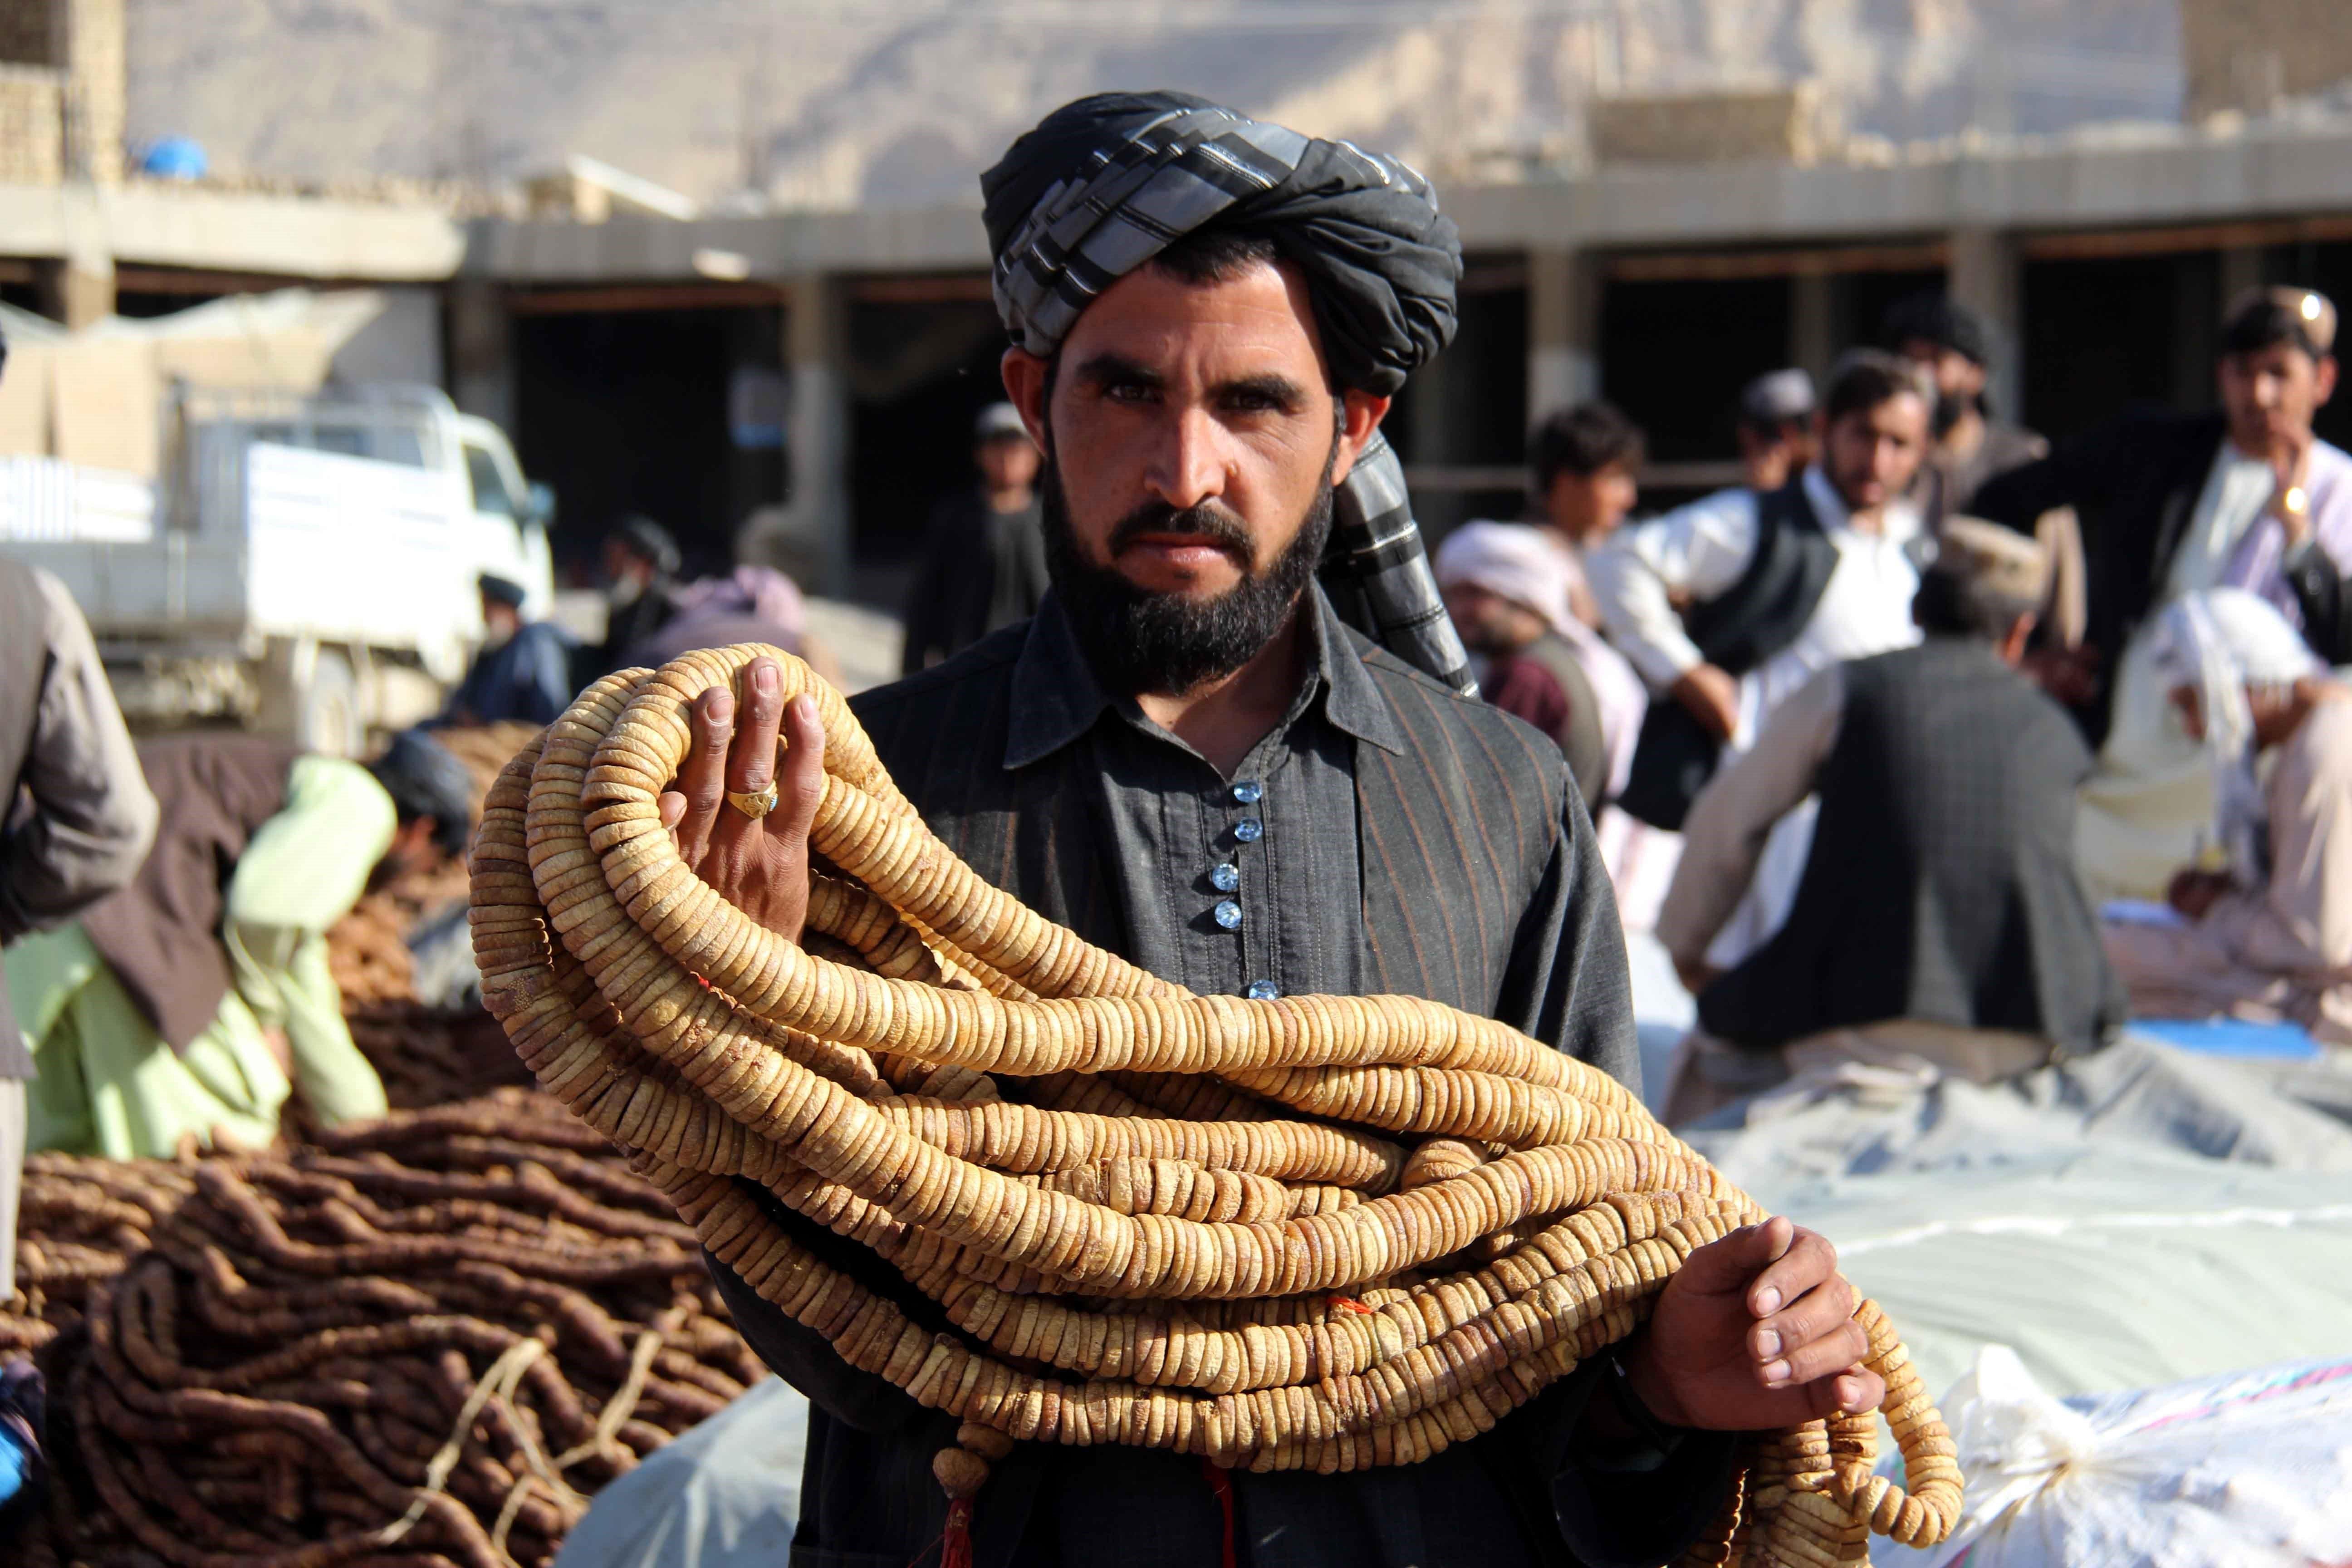 Afganistan va exportar més de 13.000 tones de fruita i fruita seca a l'Índia, Dubai i Kazakhstan durant els darrers 10 mesos. /MUHAMMAD SADIQ